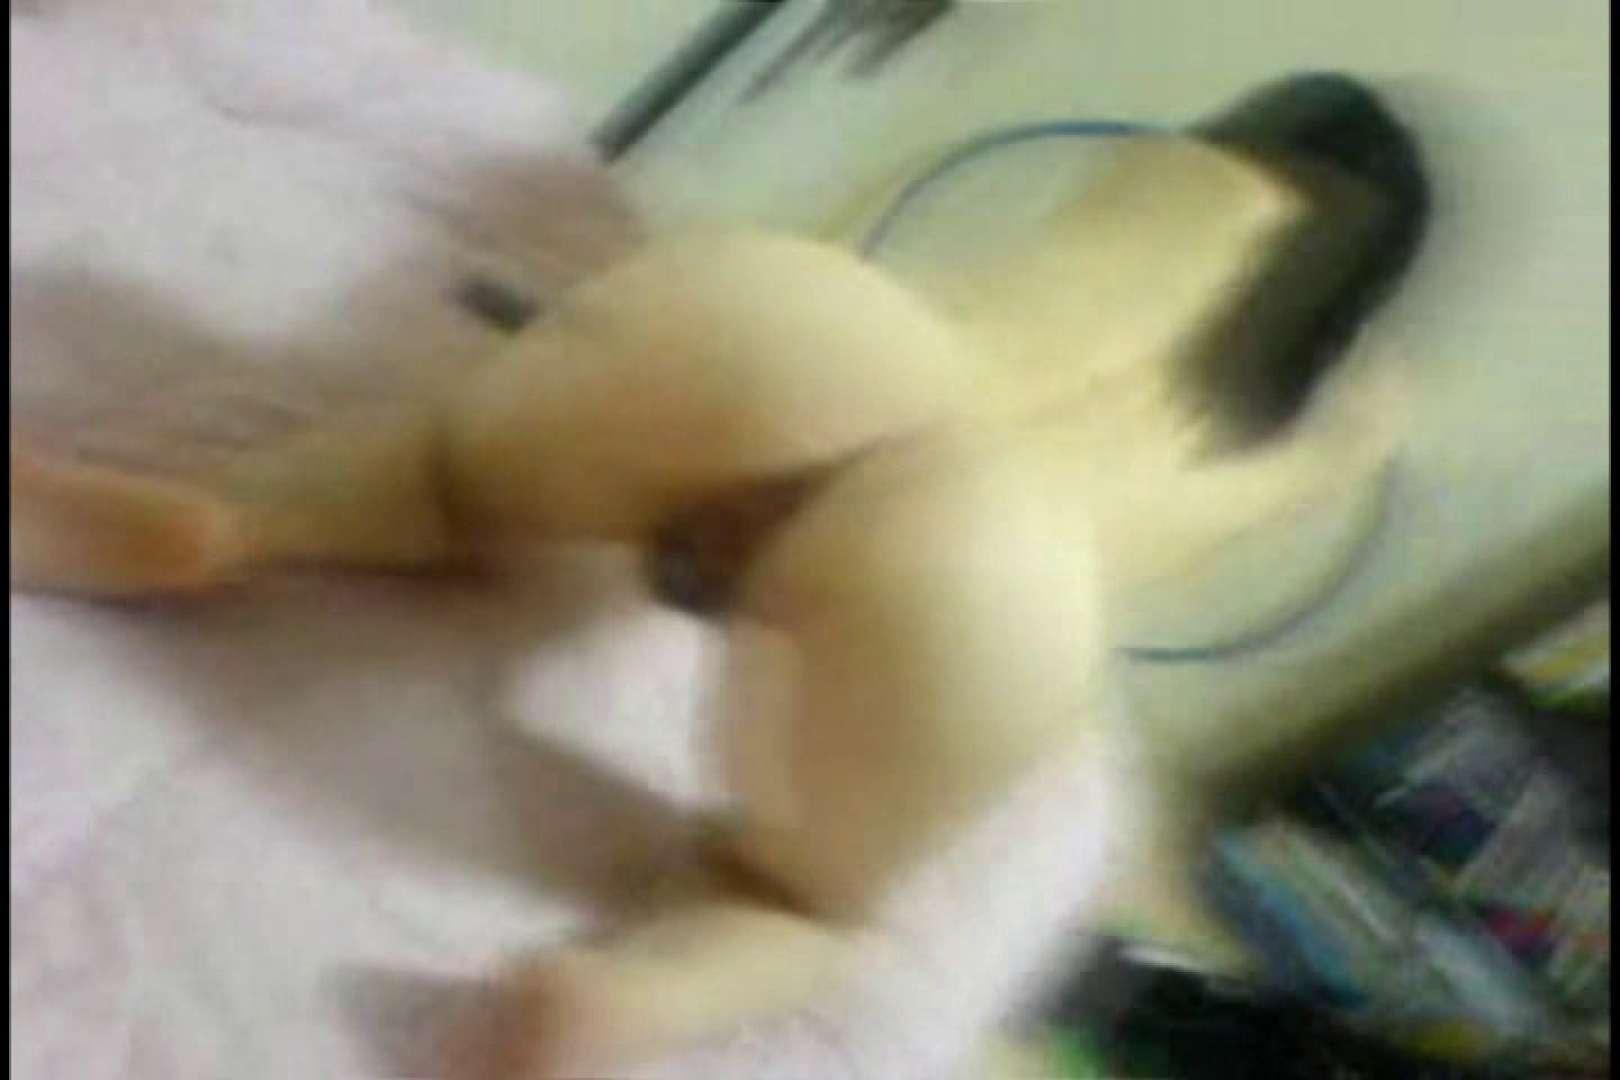 コリアン素人流出シリーズ 自慢の彼女のフェラ映像流出 フェラチオ特集  110枚 108